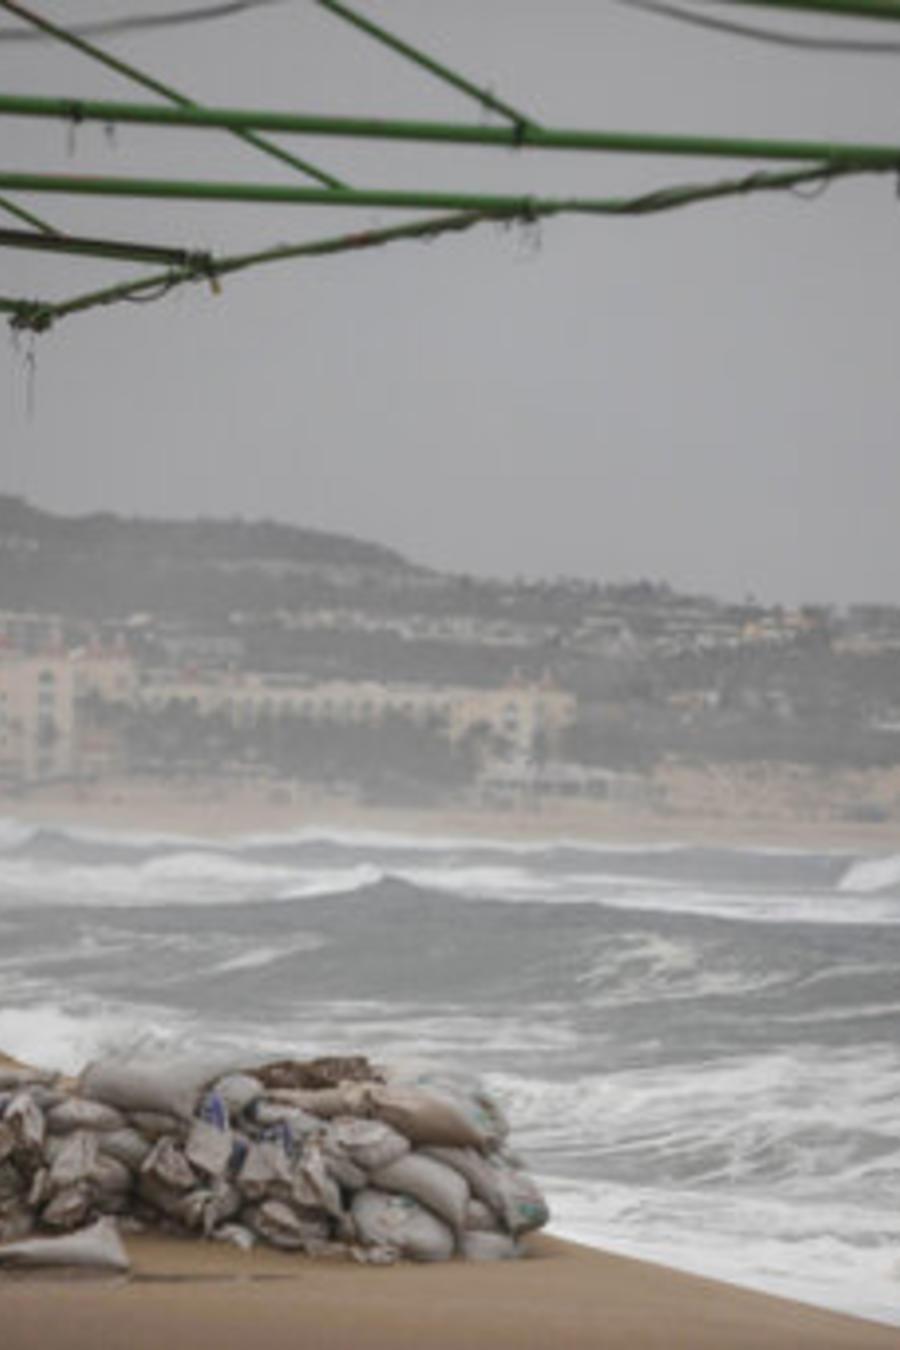 Un turista toma fotos del océano en la playa El Médano antes de la llegada esperada del huracán Lorena, en Los Cabos